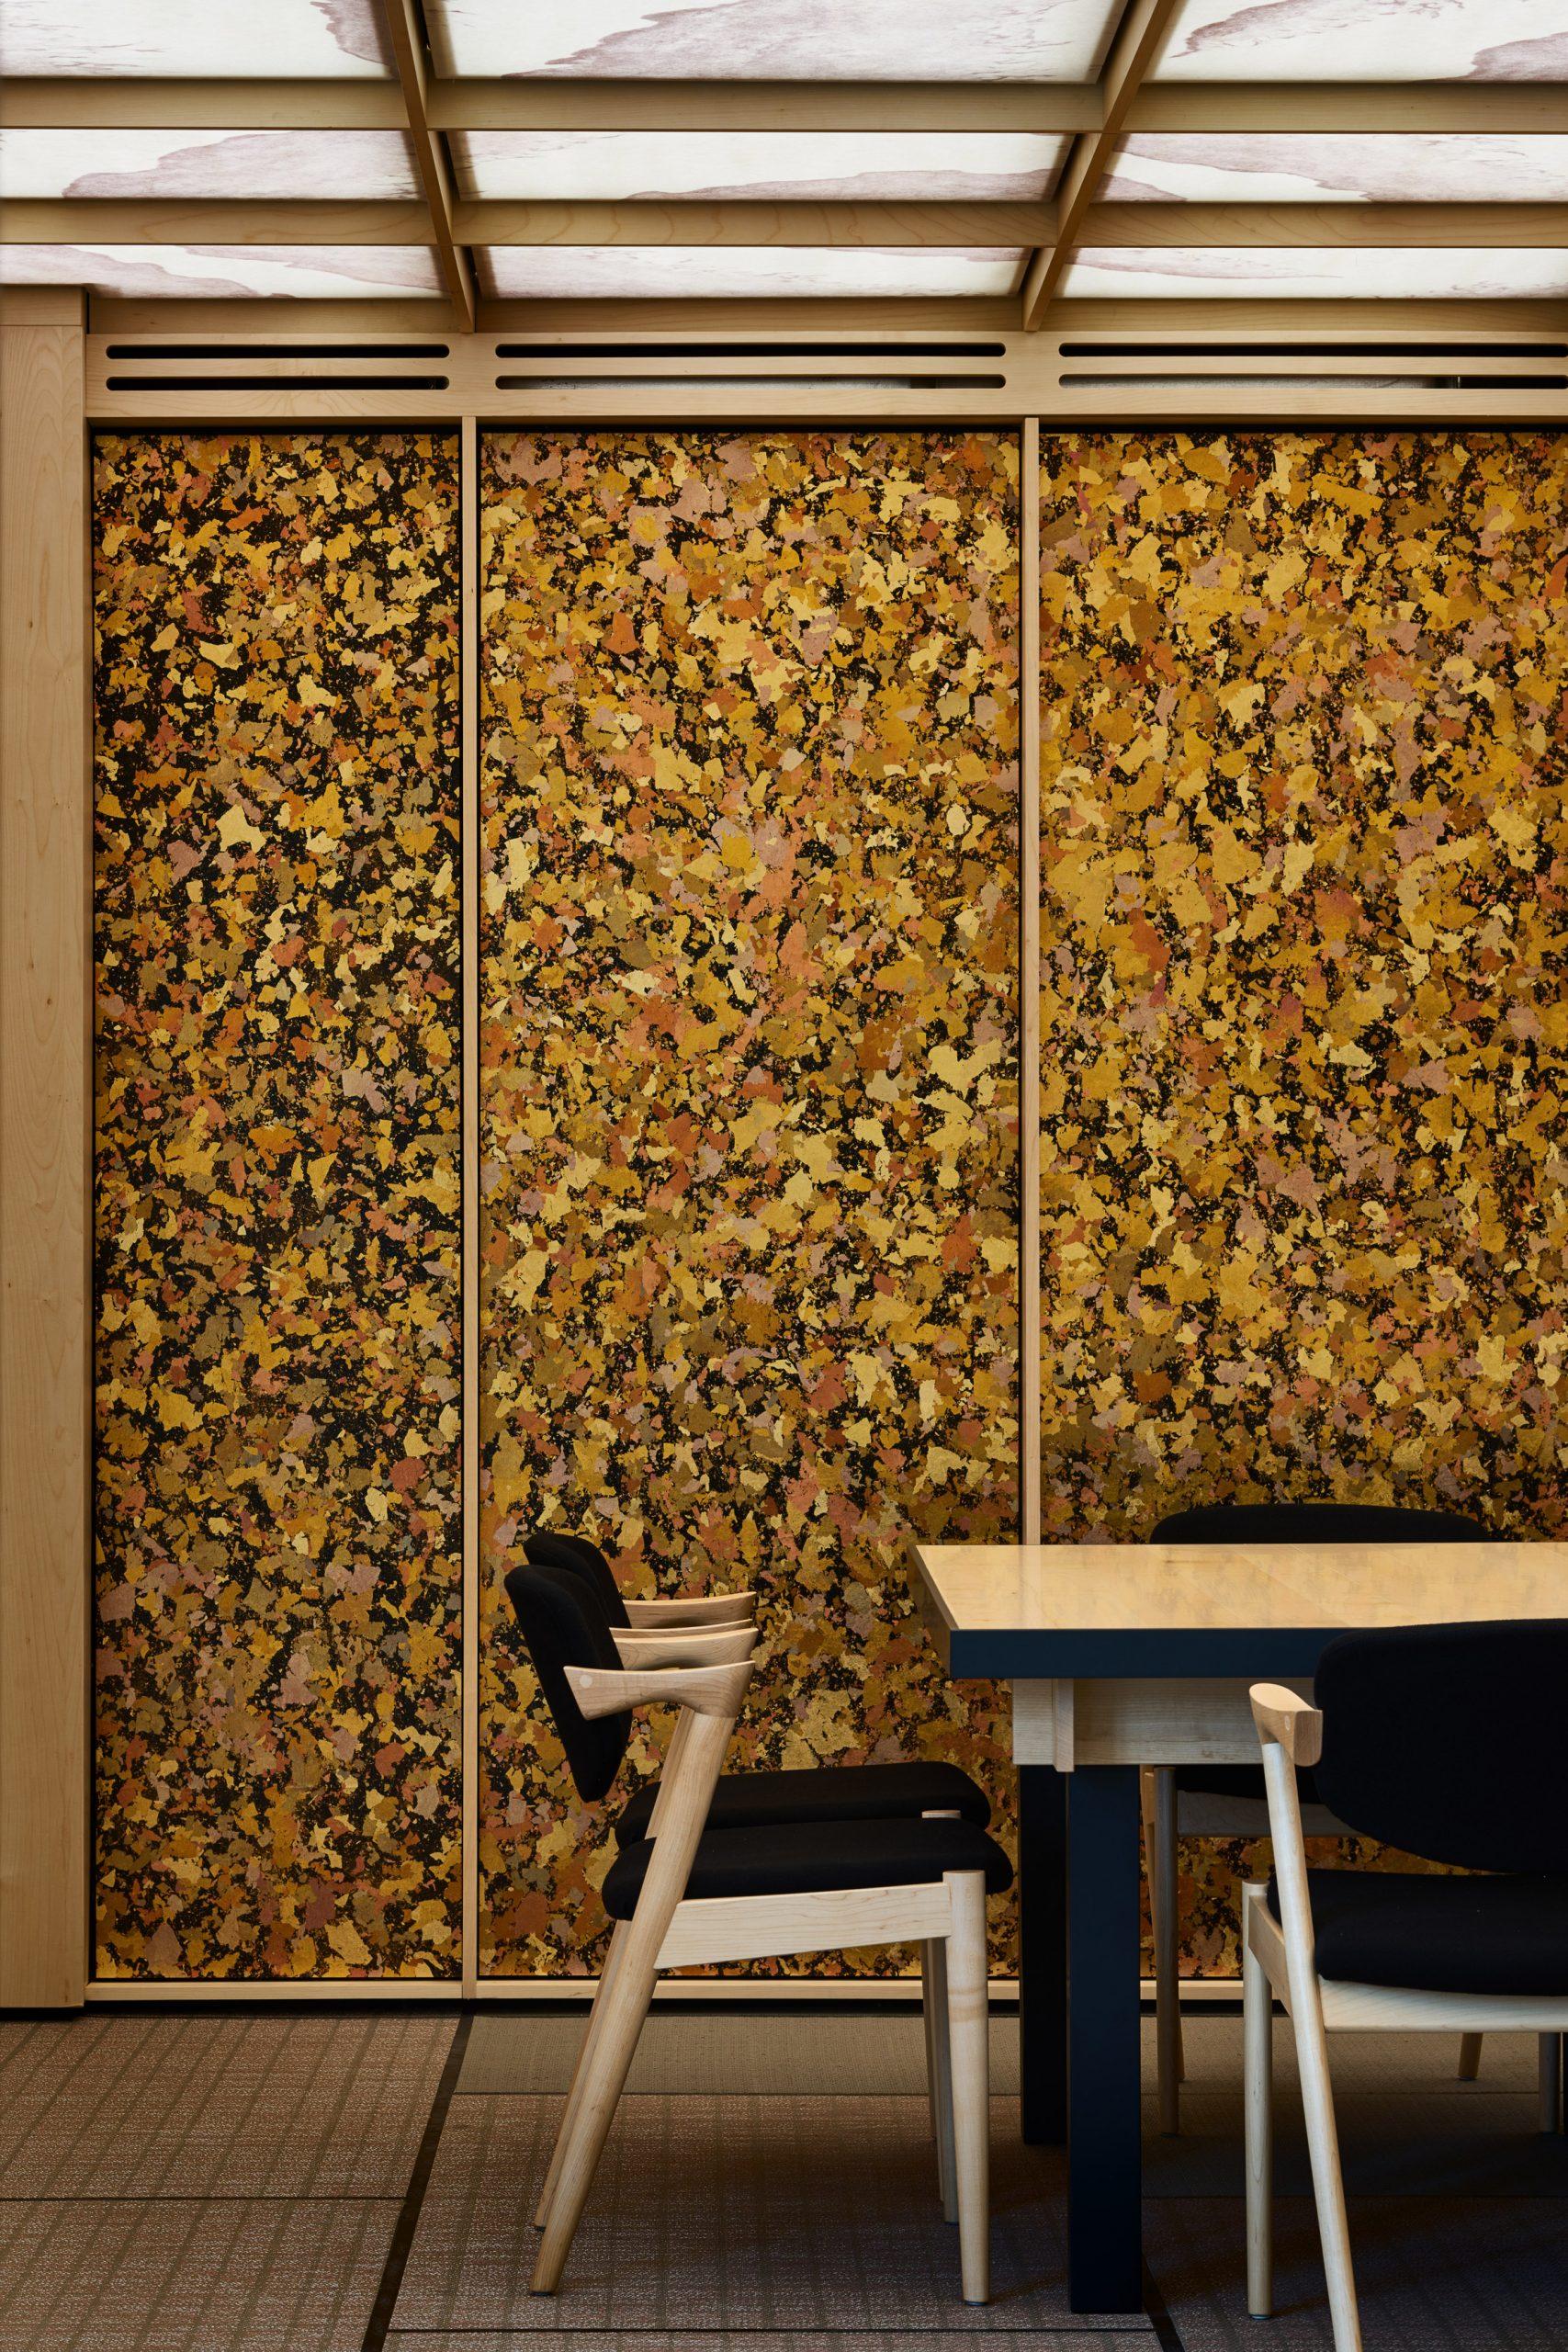 Thiết kế nội thất nhà hàng Nhật Bàn 7